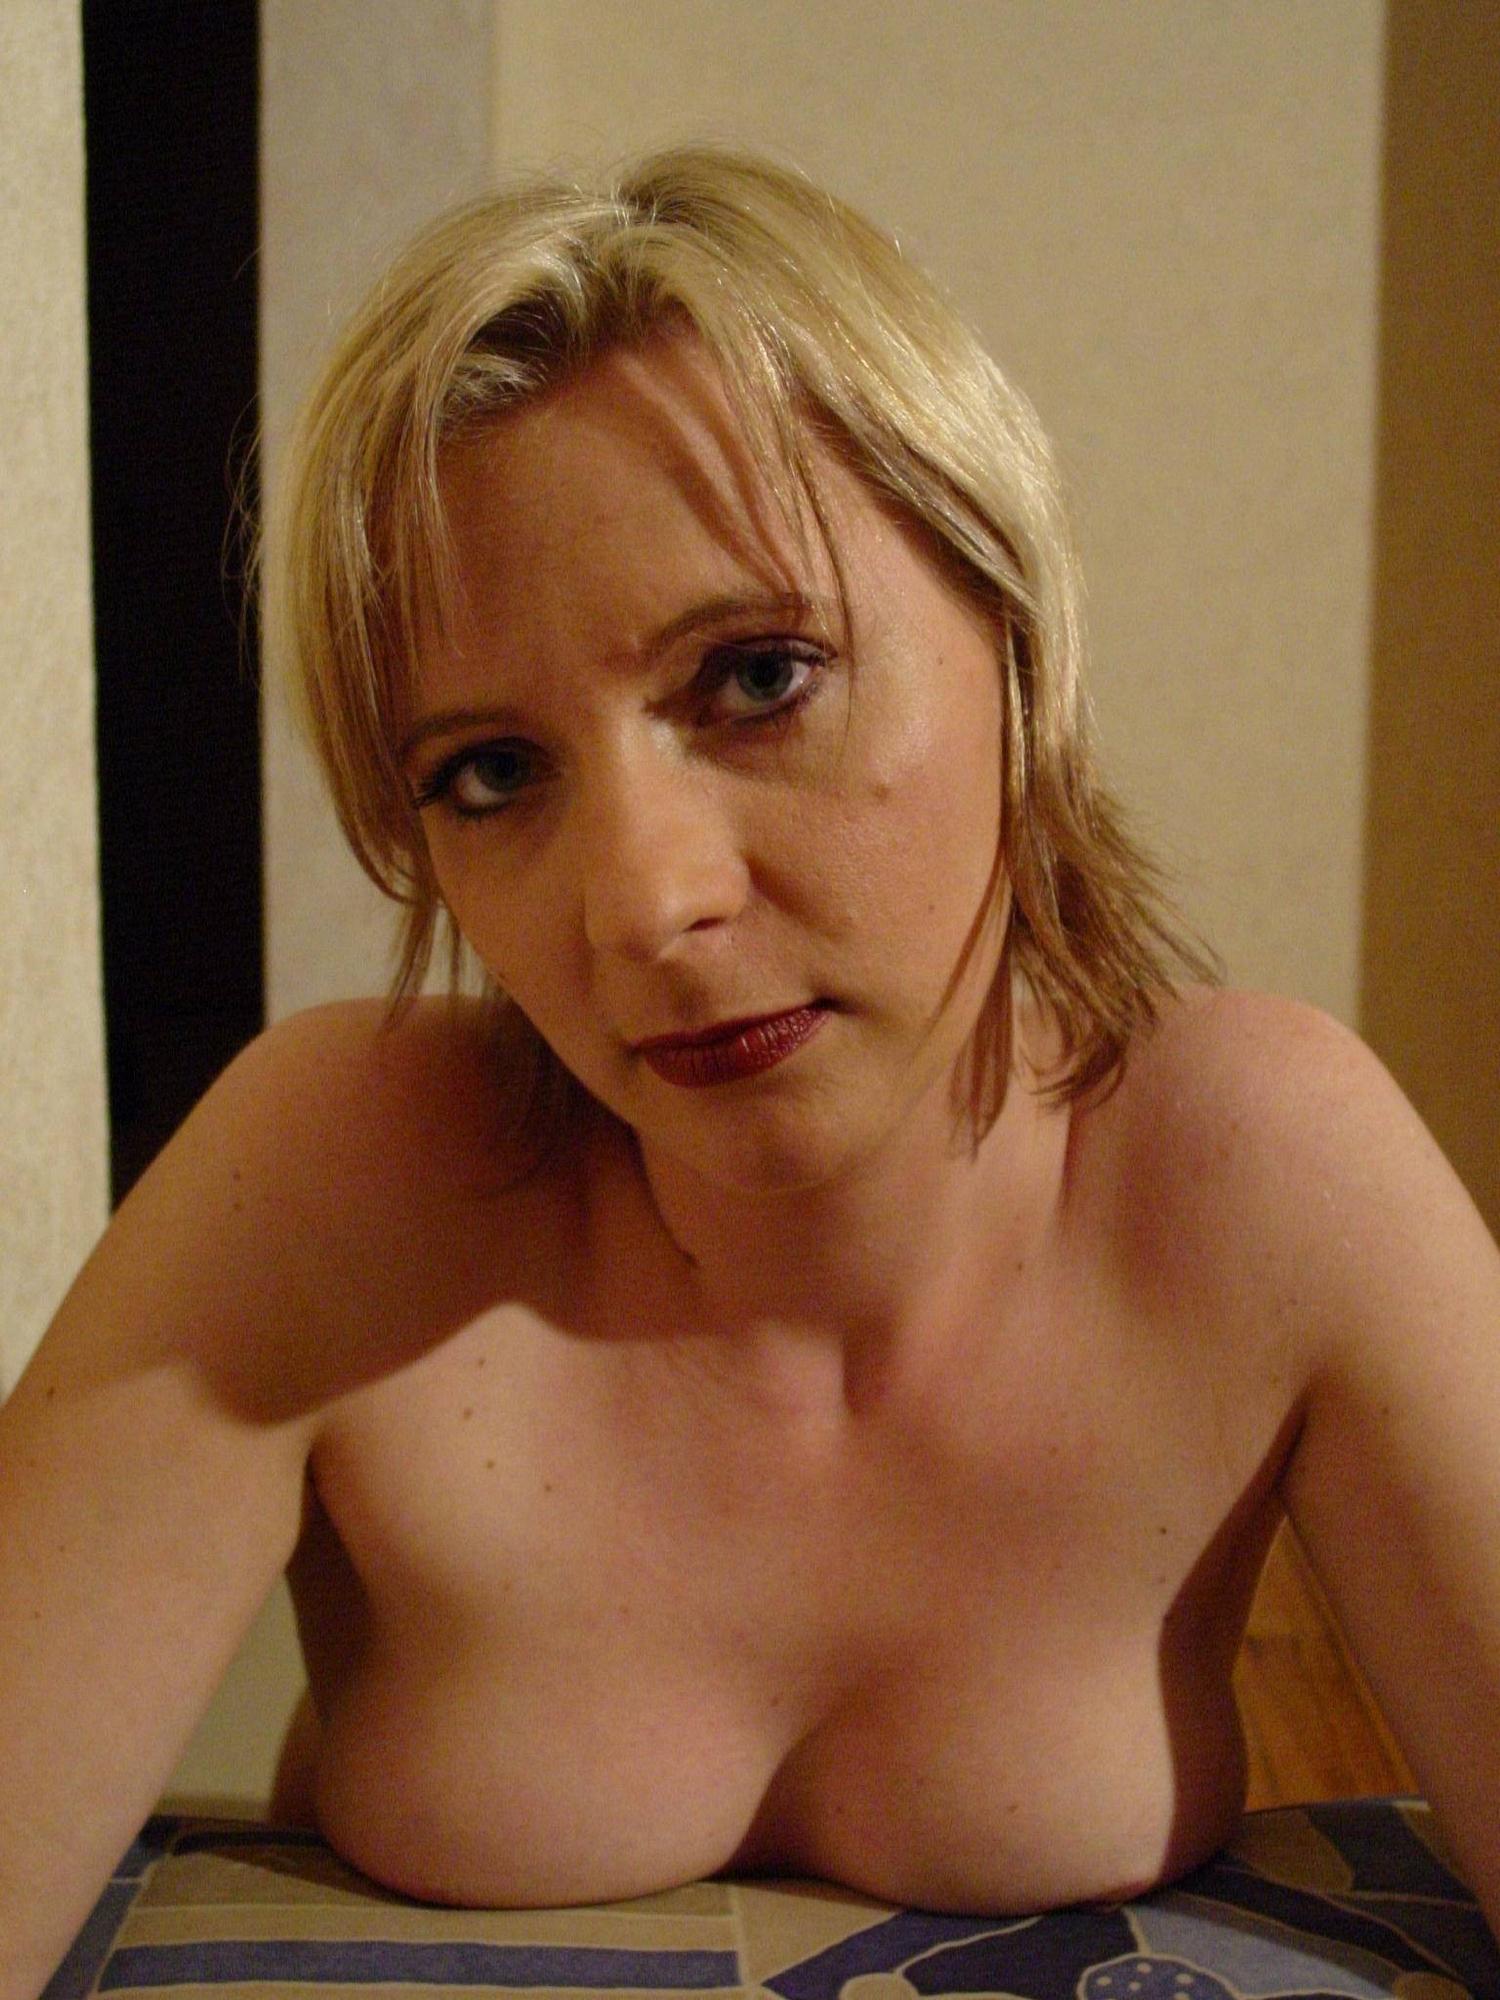 Марта дома мастурбирует в эротическом белье